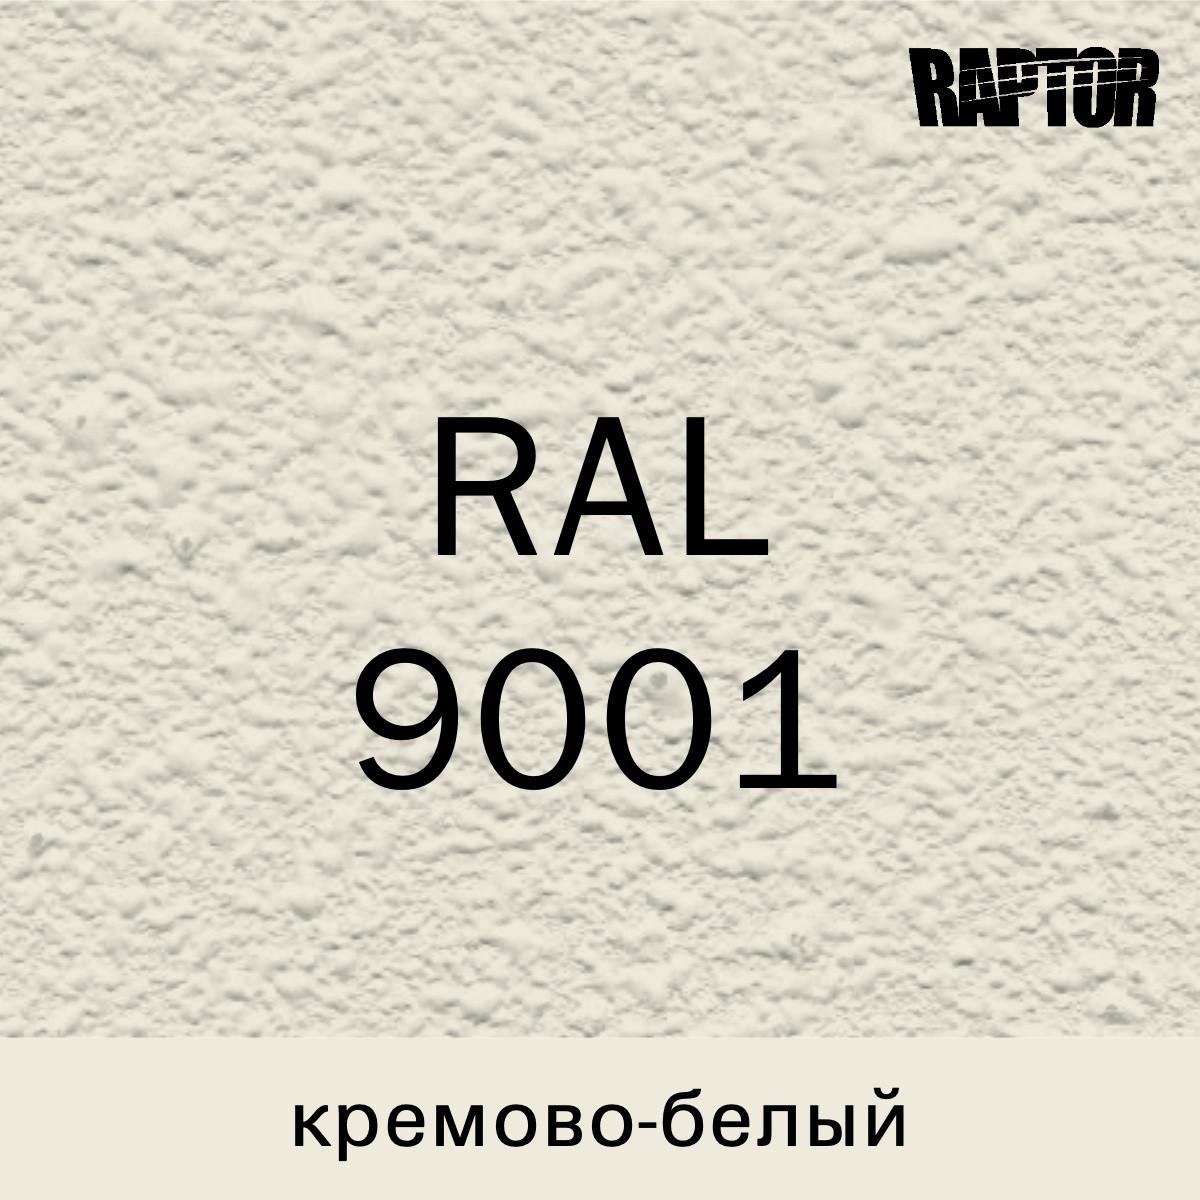 Пигмент для колеровки покрытия RAPTOR™ Кремово-белый (RAL 9001)